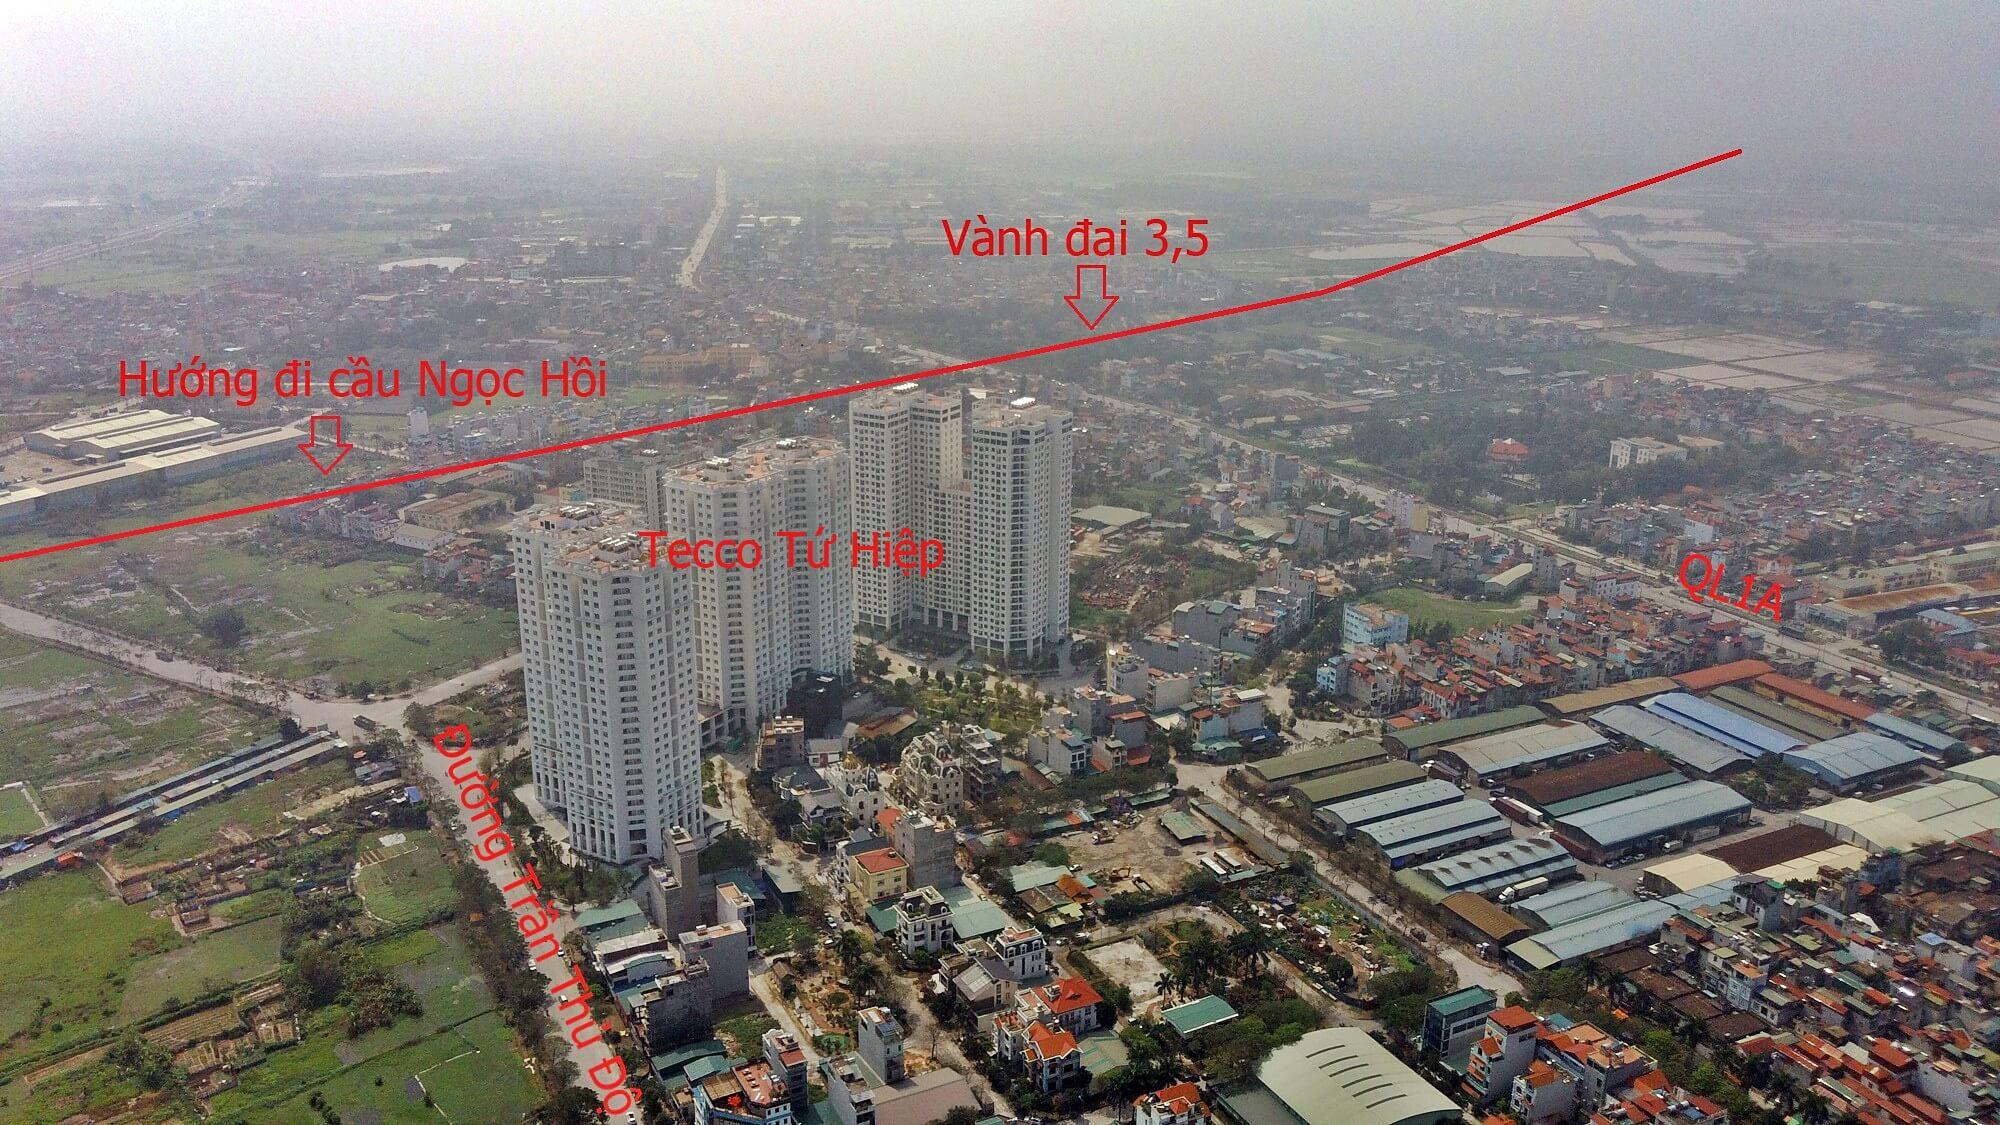 Tecco Thanh Trì là dự án hường nhiều lợi thế từ quy hoạch đường vành đai 3,5 và cầu Ngọc Hồi.